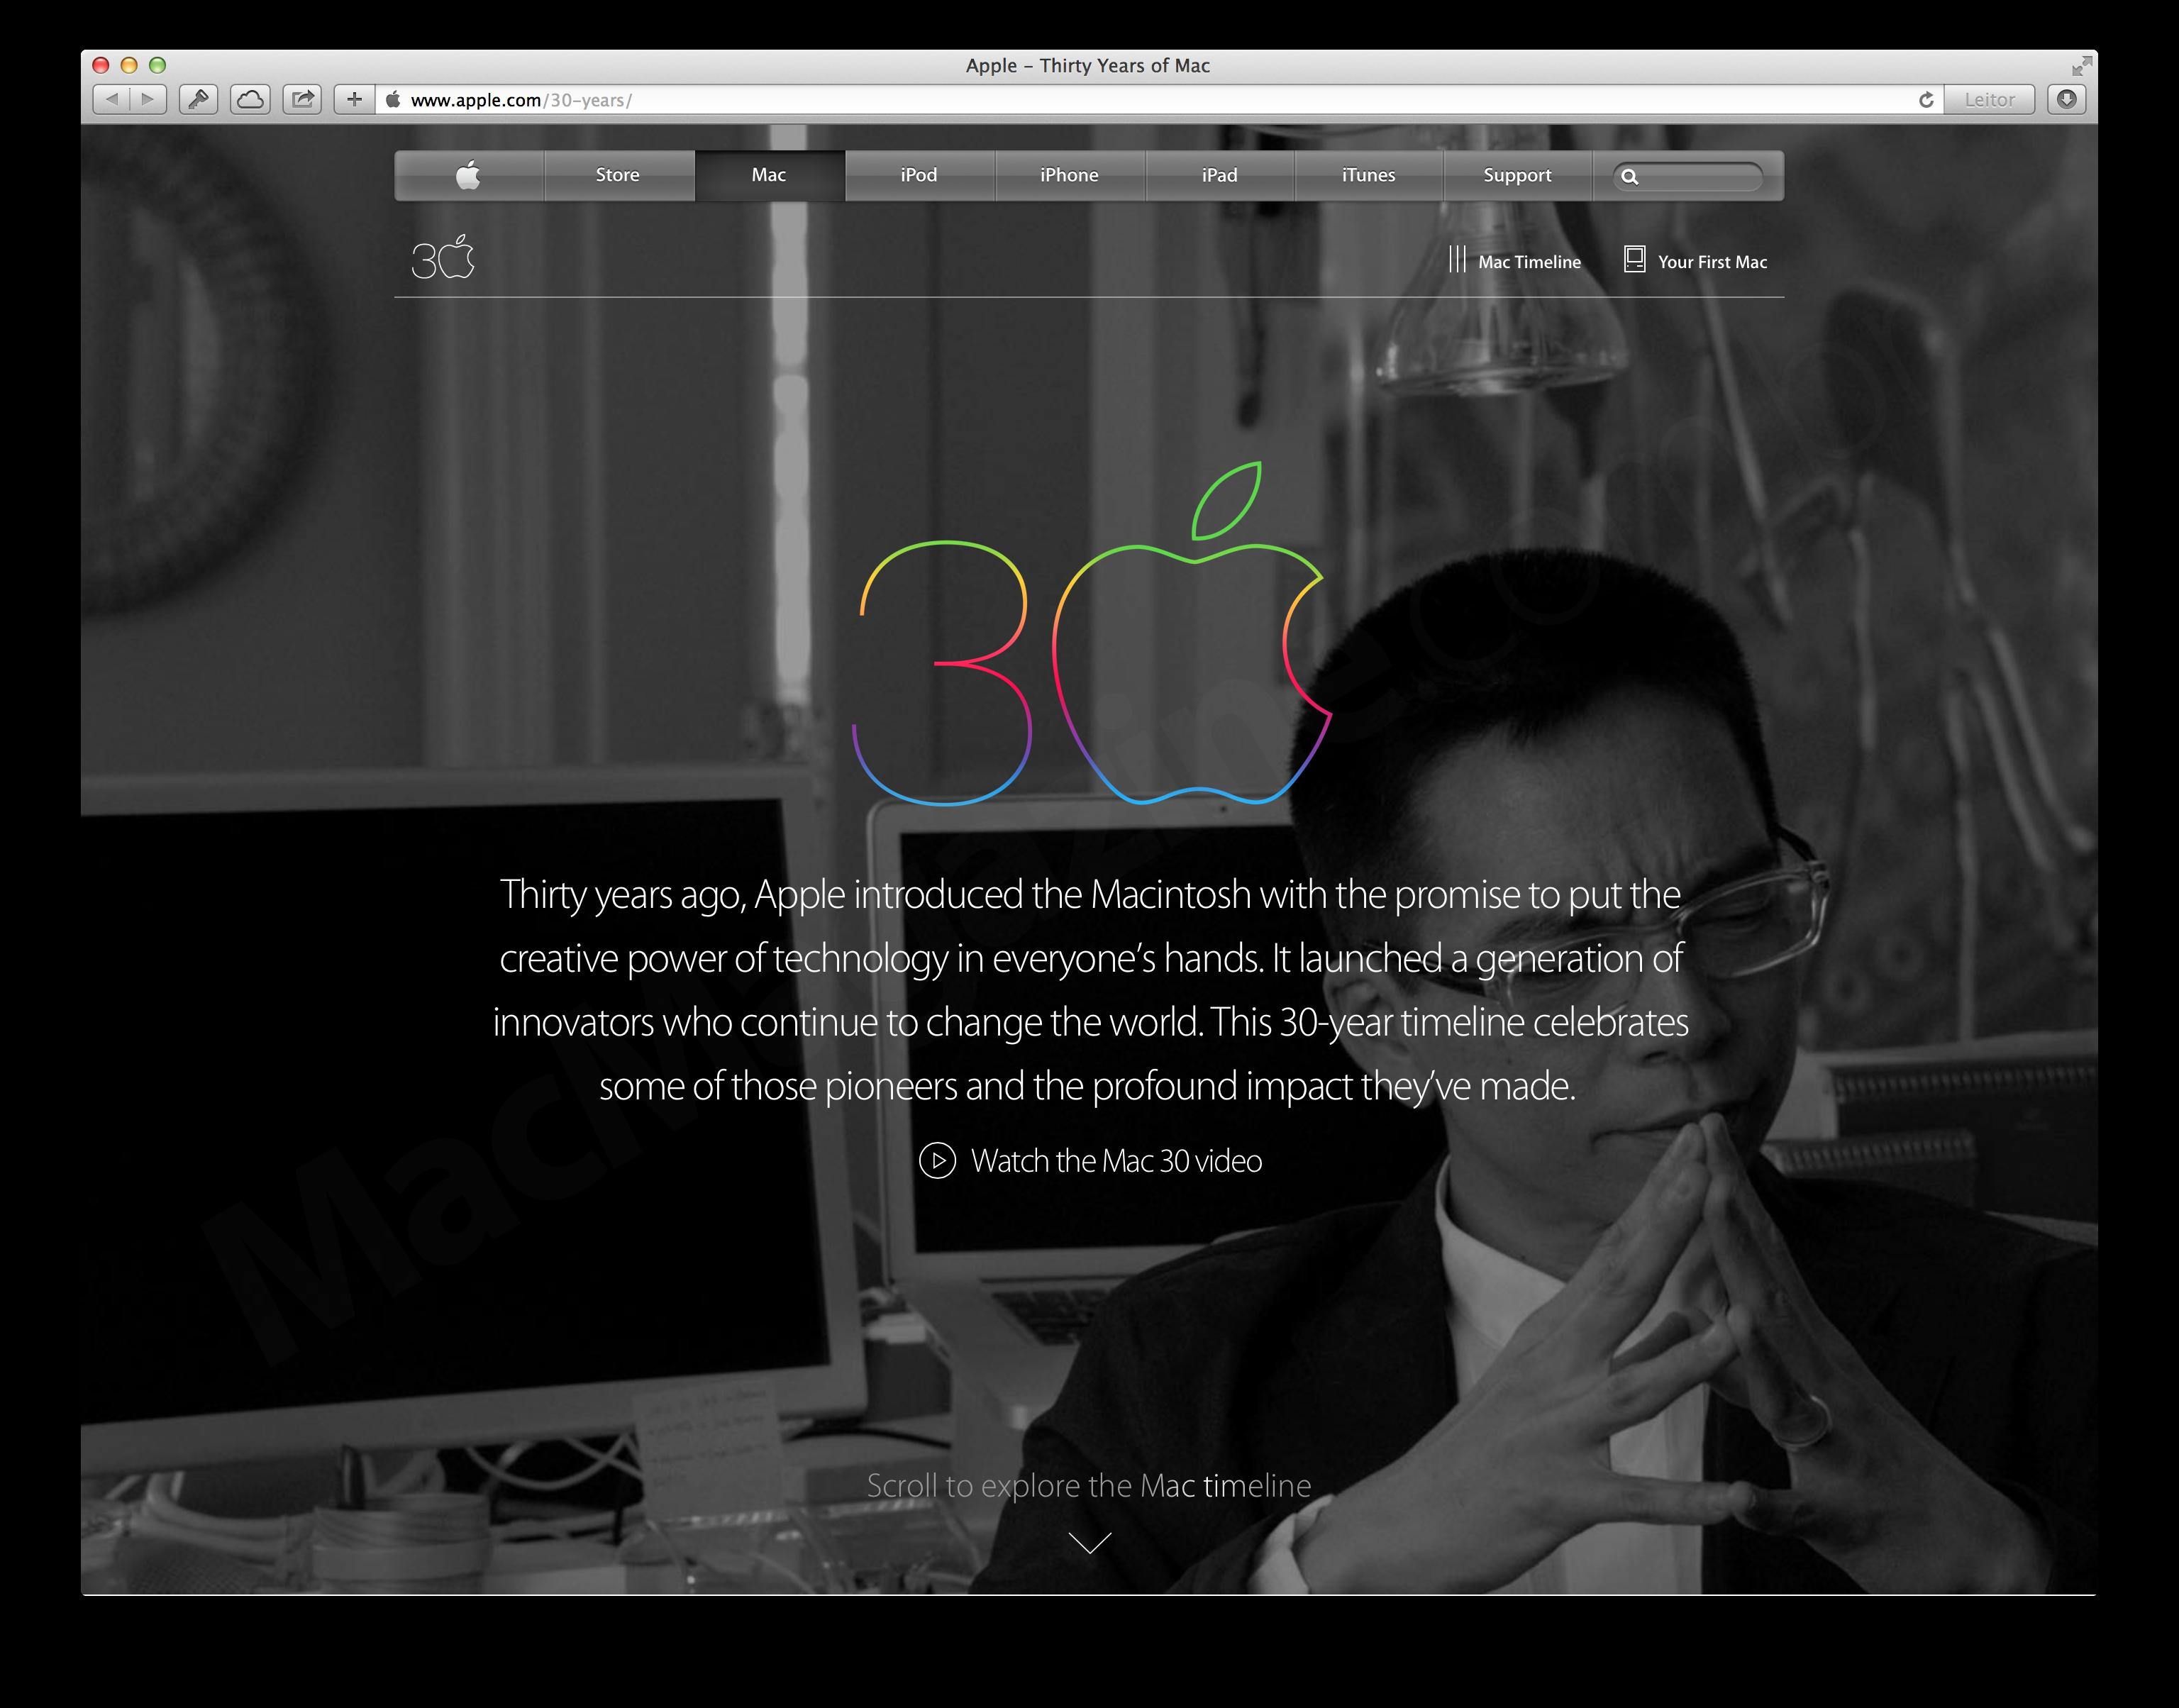 Página dos 30 anos do Macintosh